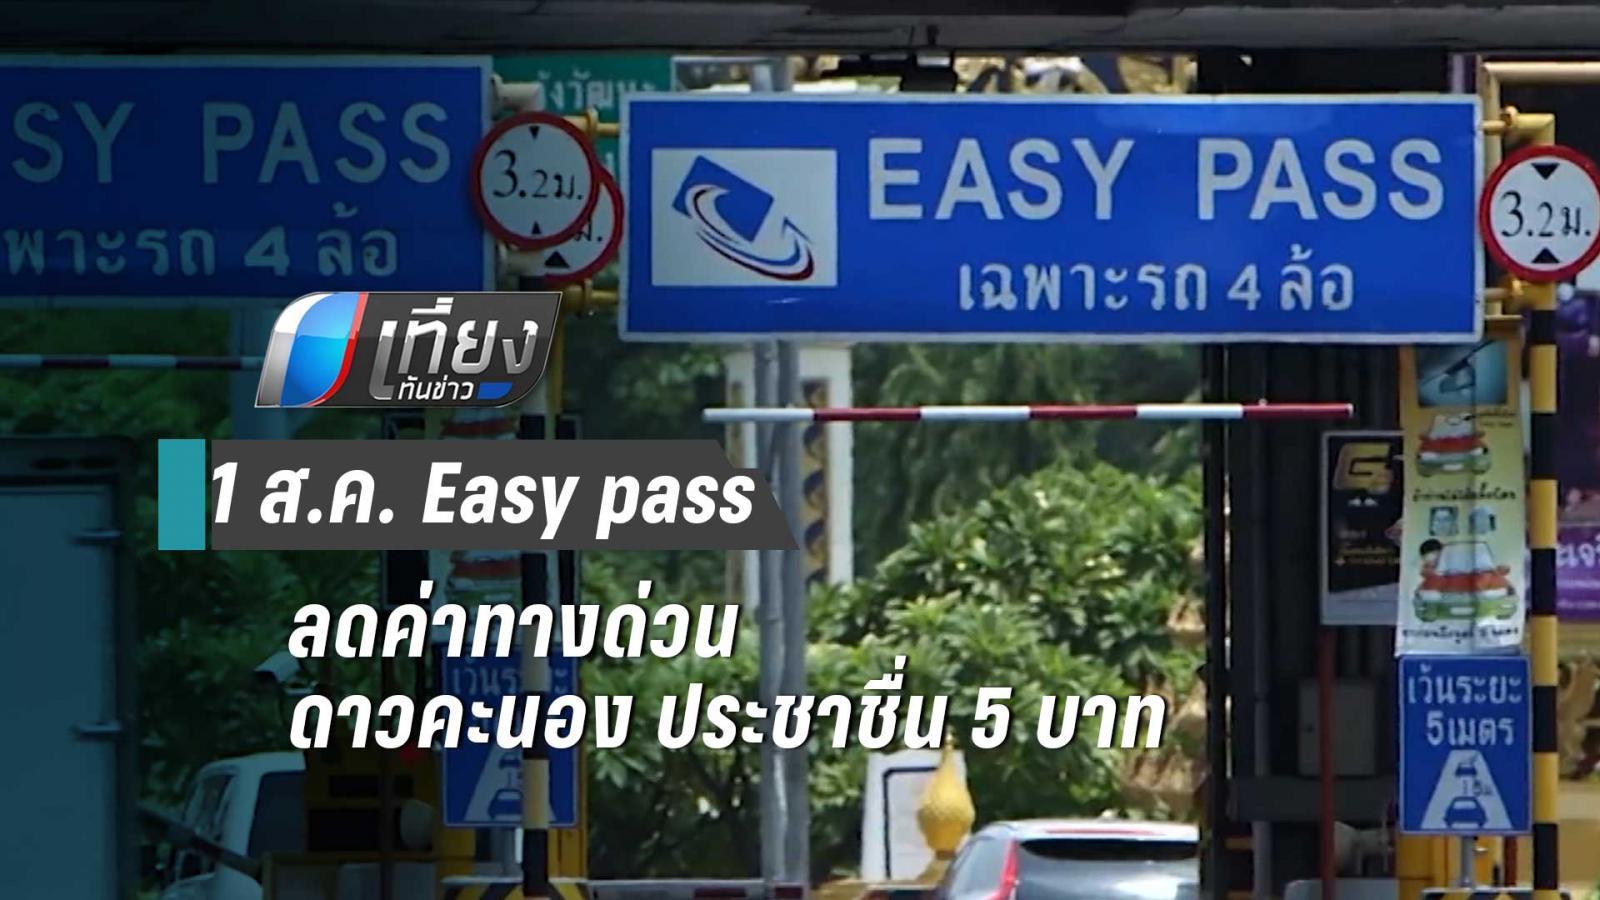 1 ส.ค. – 28 ก.ย.  ทางด่วนใช้ Easy Pass  ด่านดาวคะนอง - ประชาชื่น ลด 5 บาท